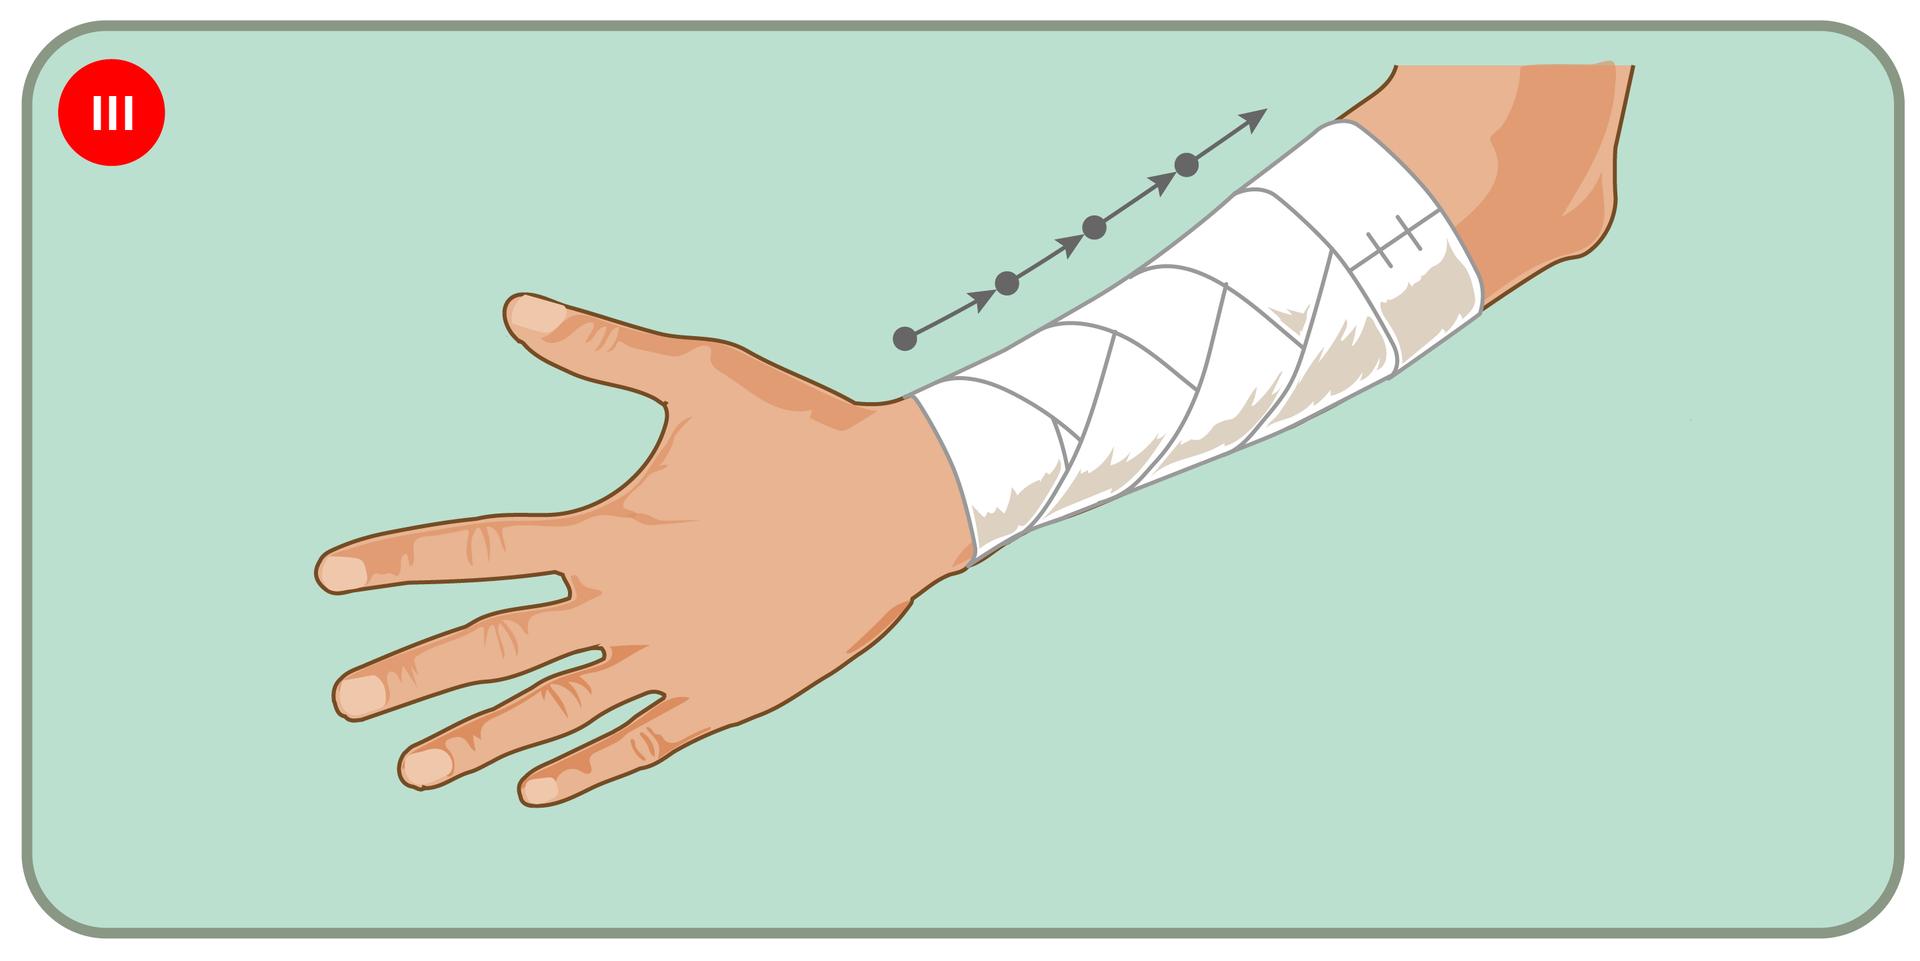 Pokaz slajdów prezentujących kolejne etapy bandażowania przedramienia opatrunkiem kłosowym.